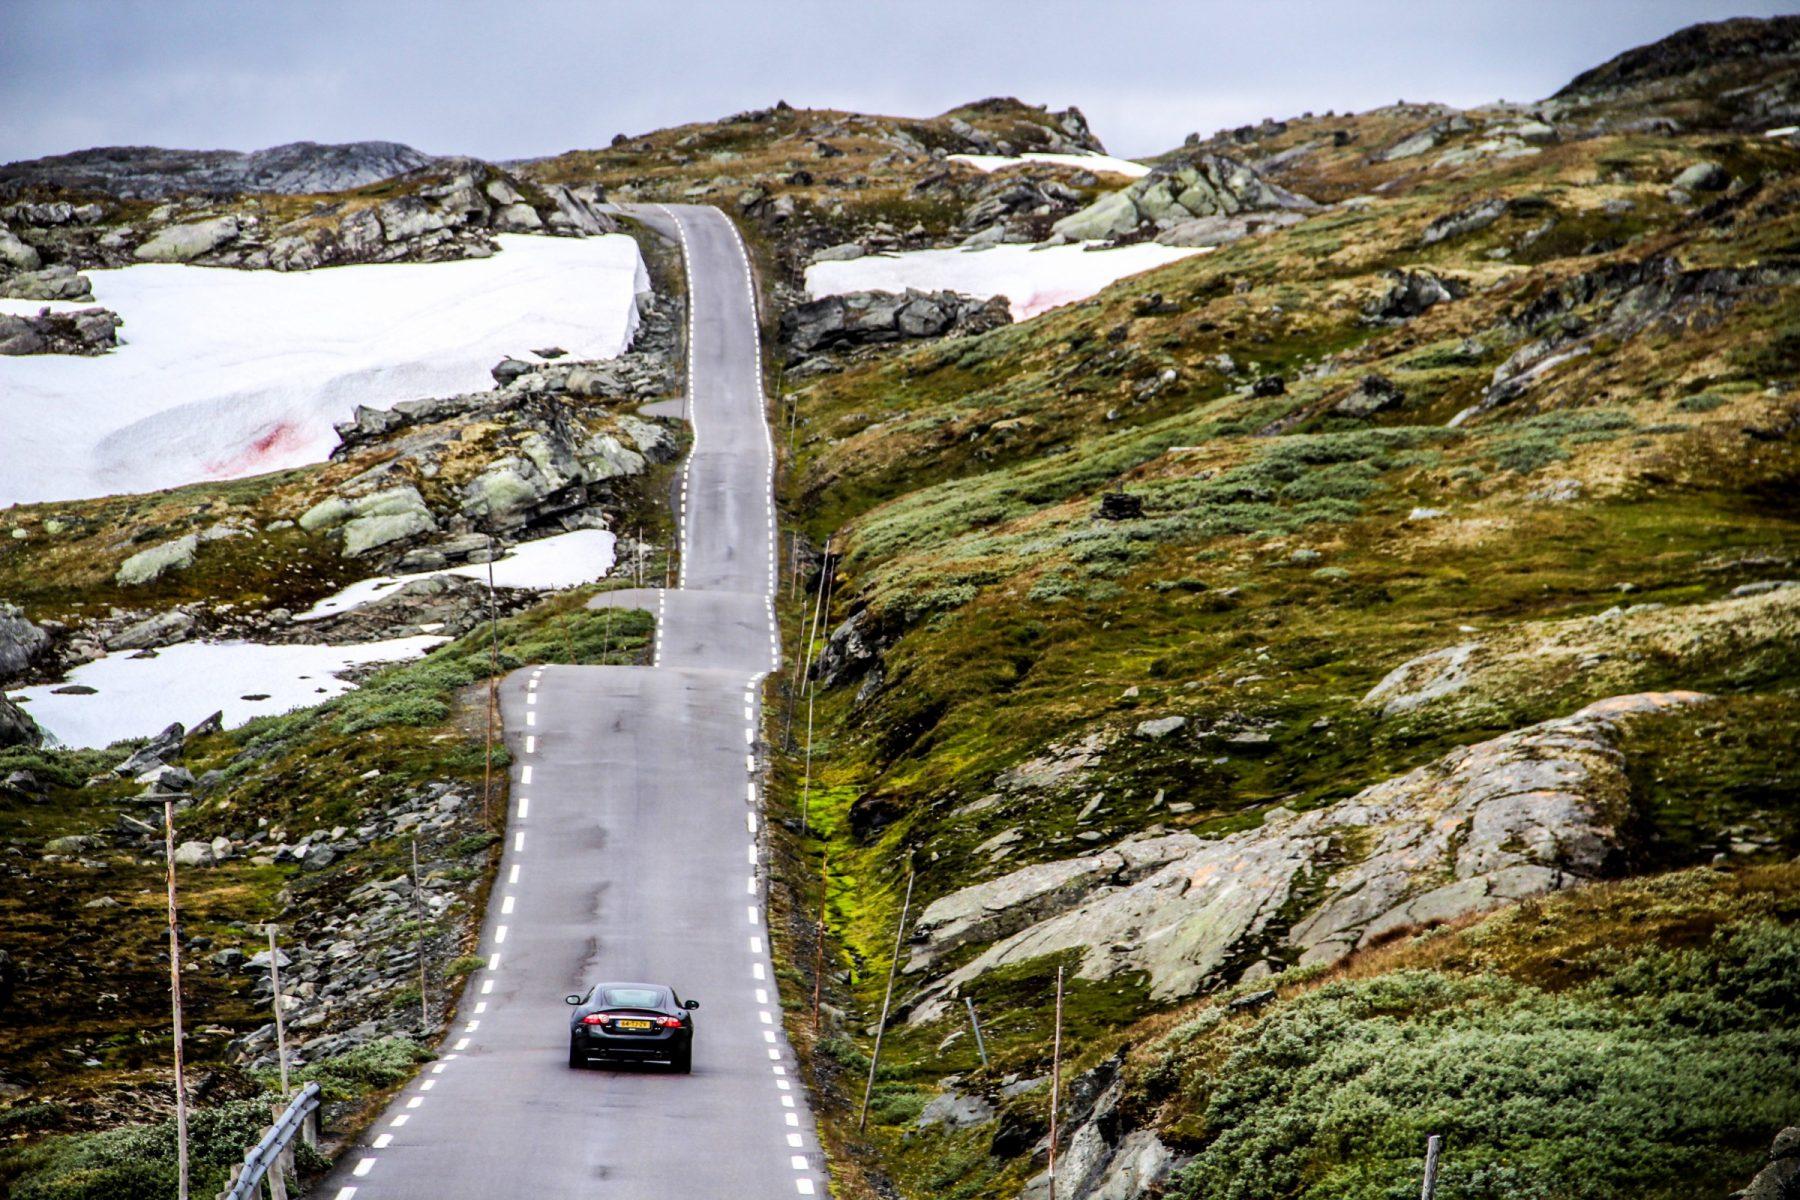 route 55 in noorwegen in dolf dekking autoreis